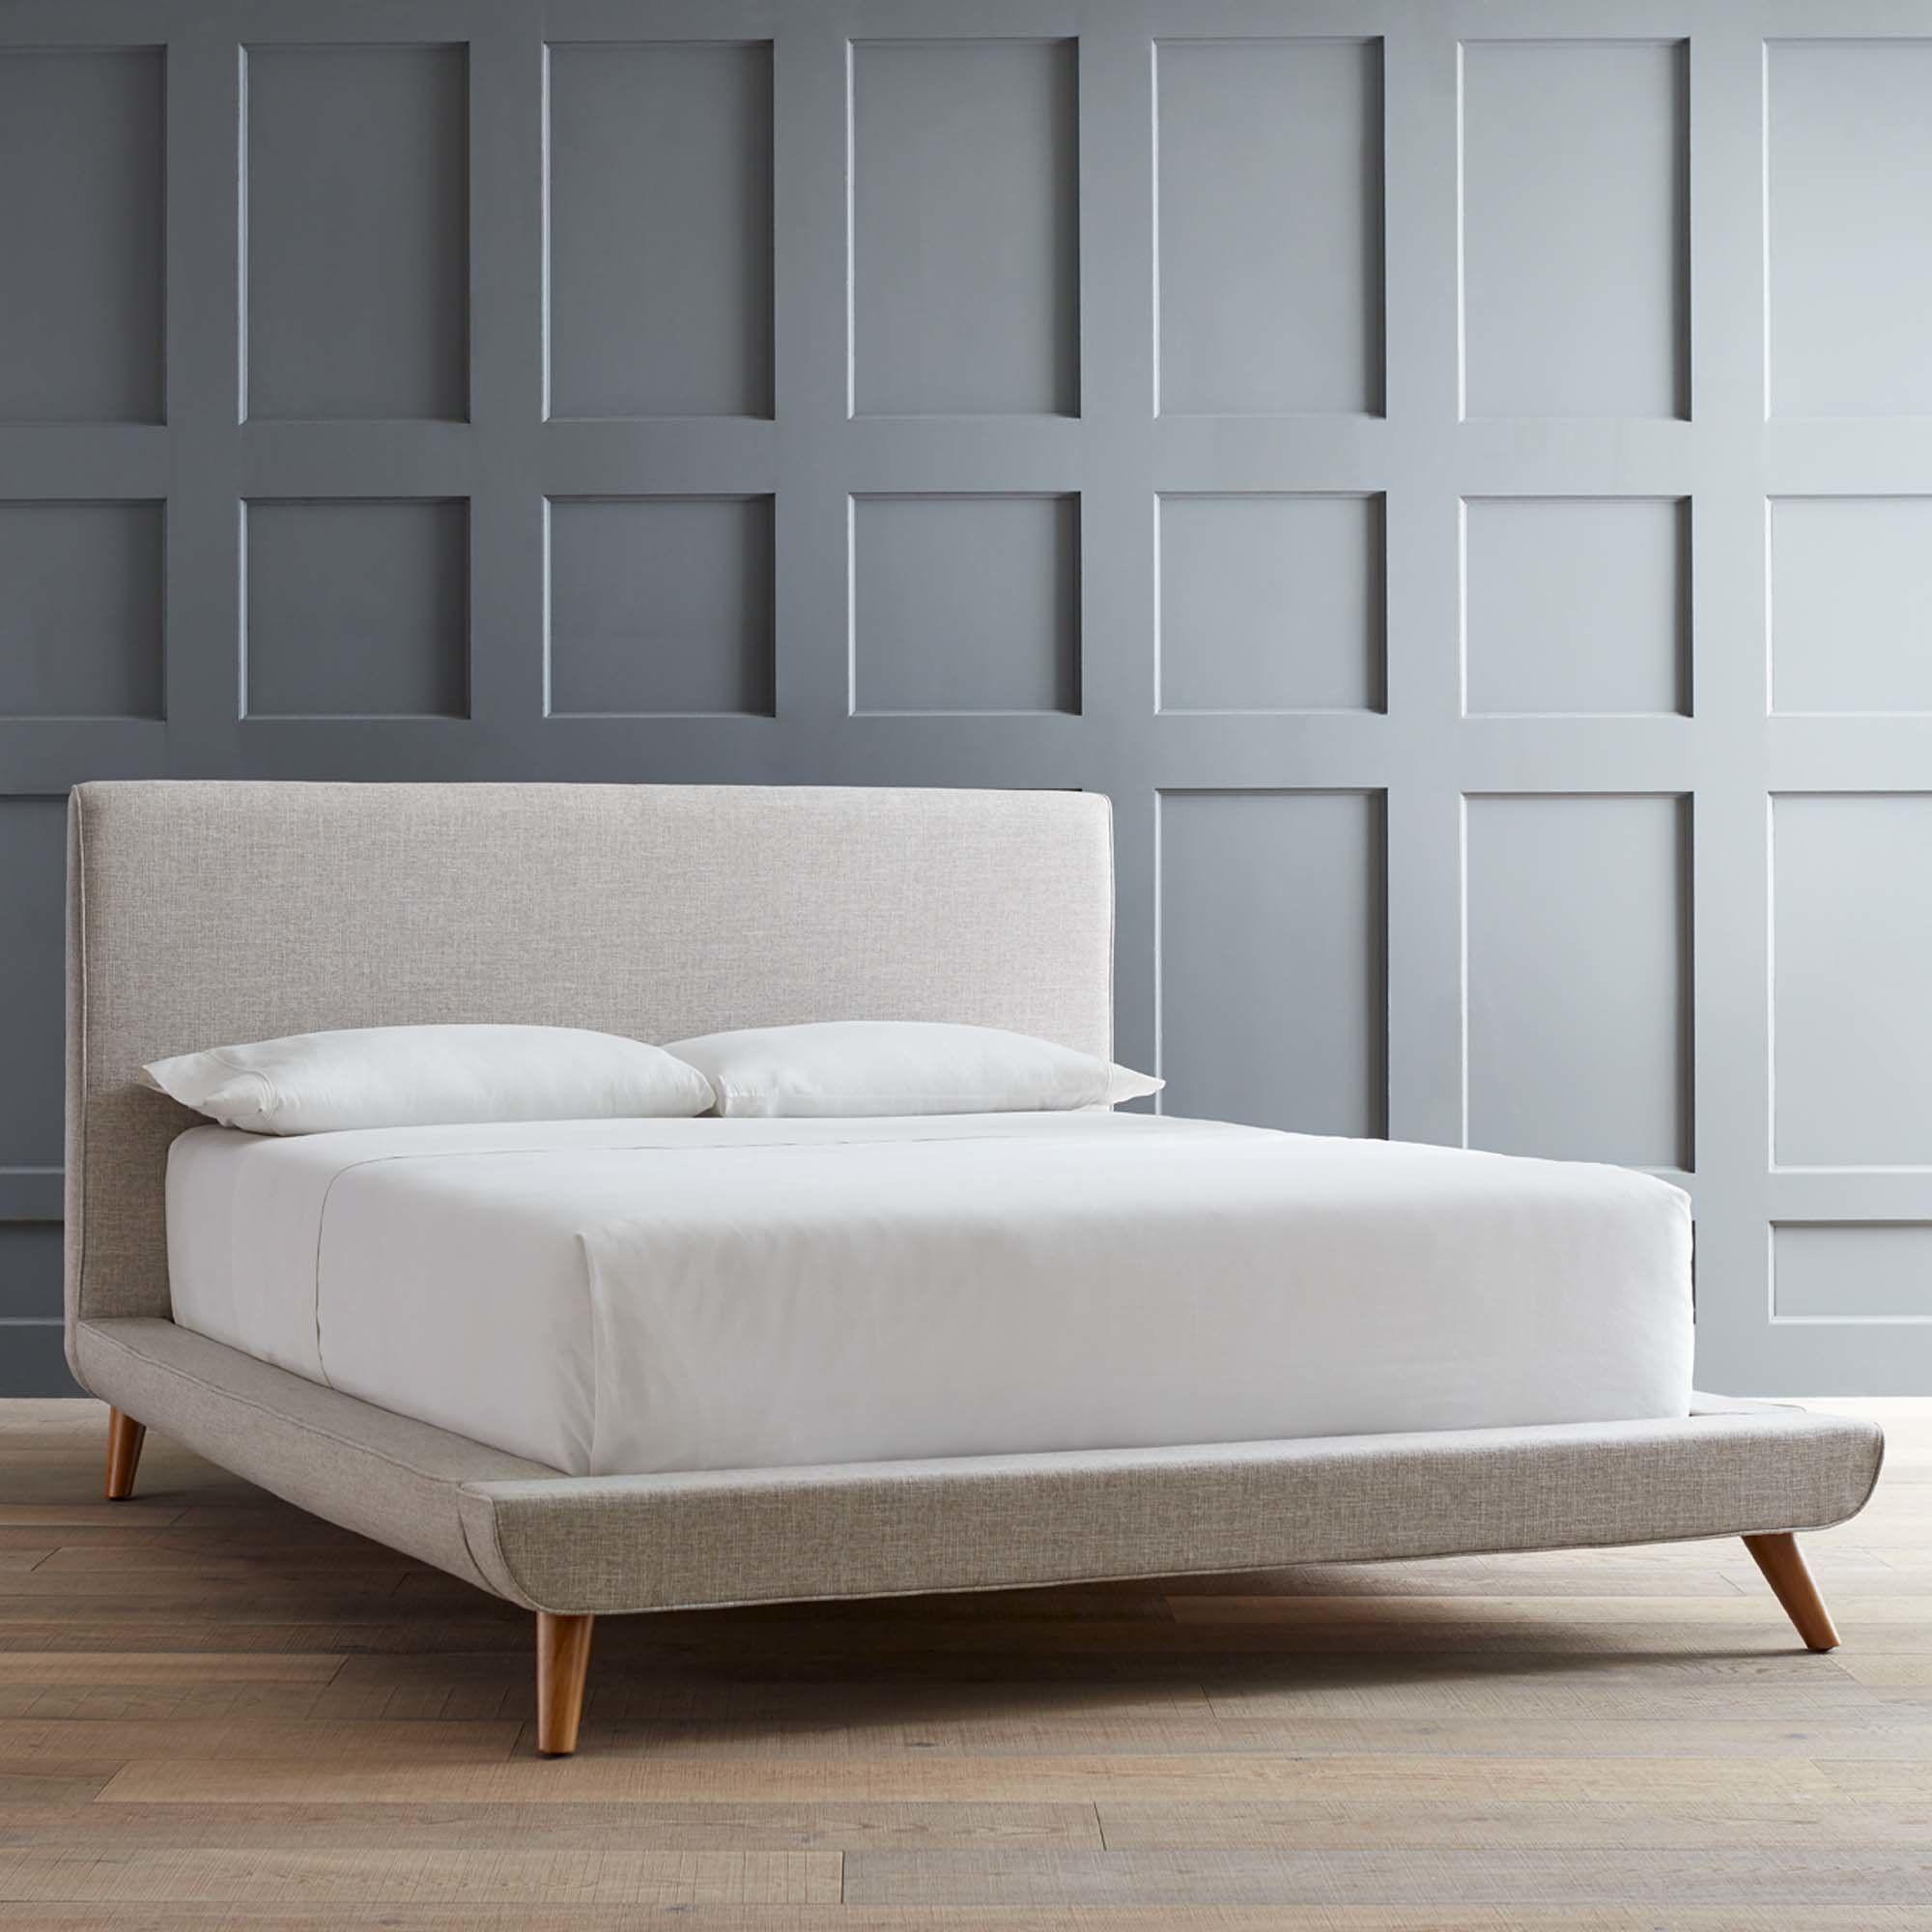 Enchanting Platform Bed King Frame For Your Bedroom Design Mid